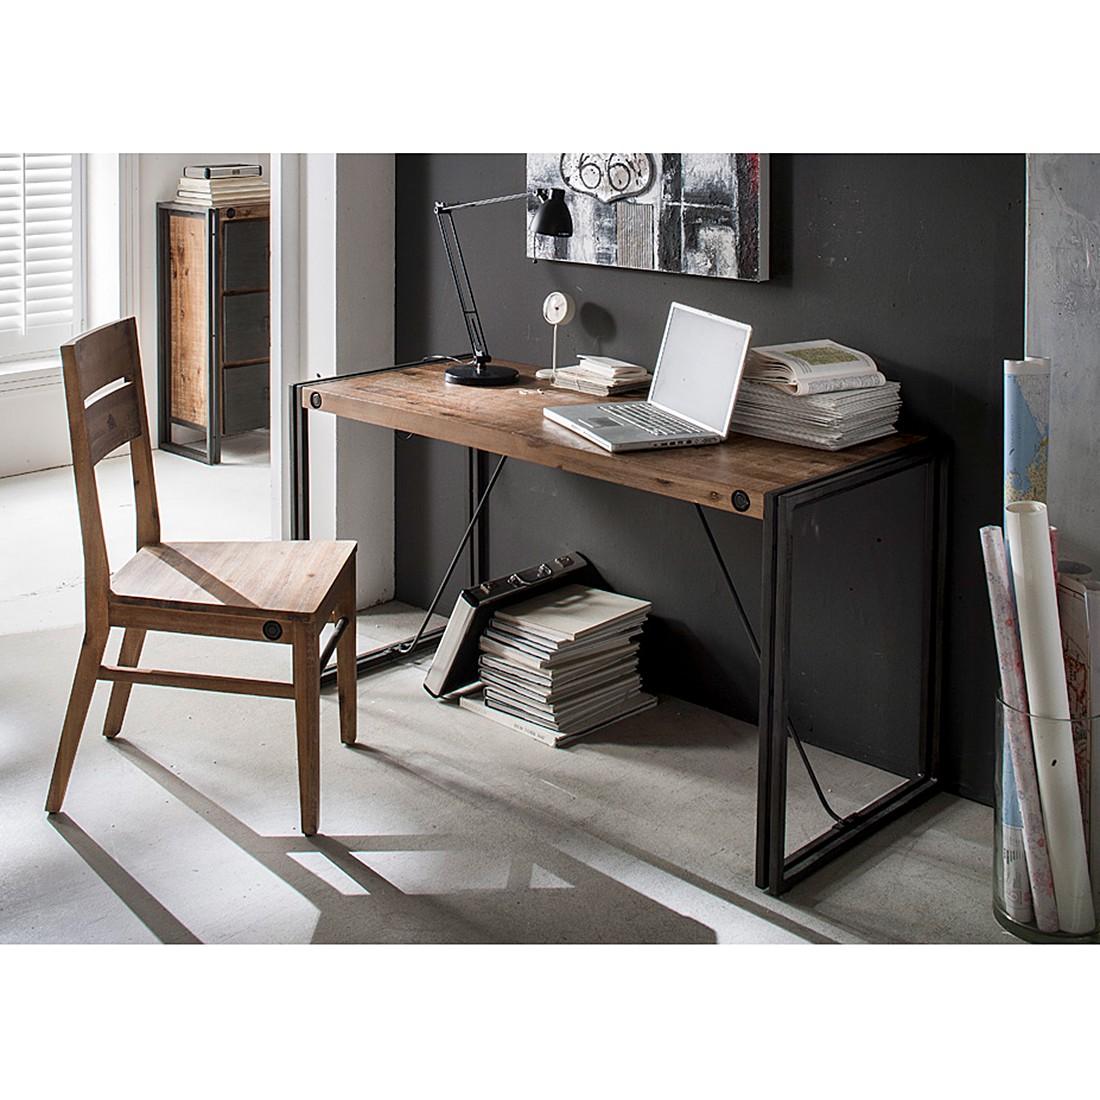 Industrial Schreibtisch schreibtisch manchester aus massiver akazie metall home24